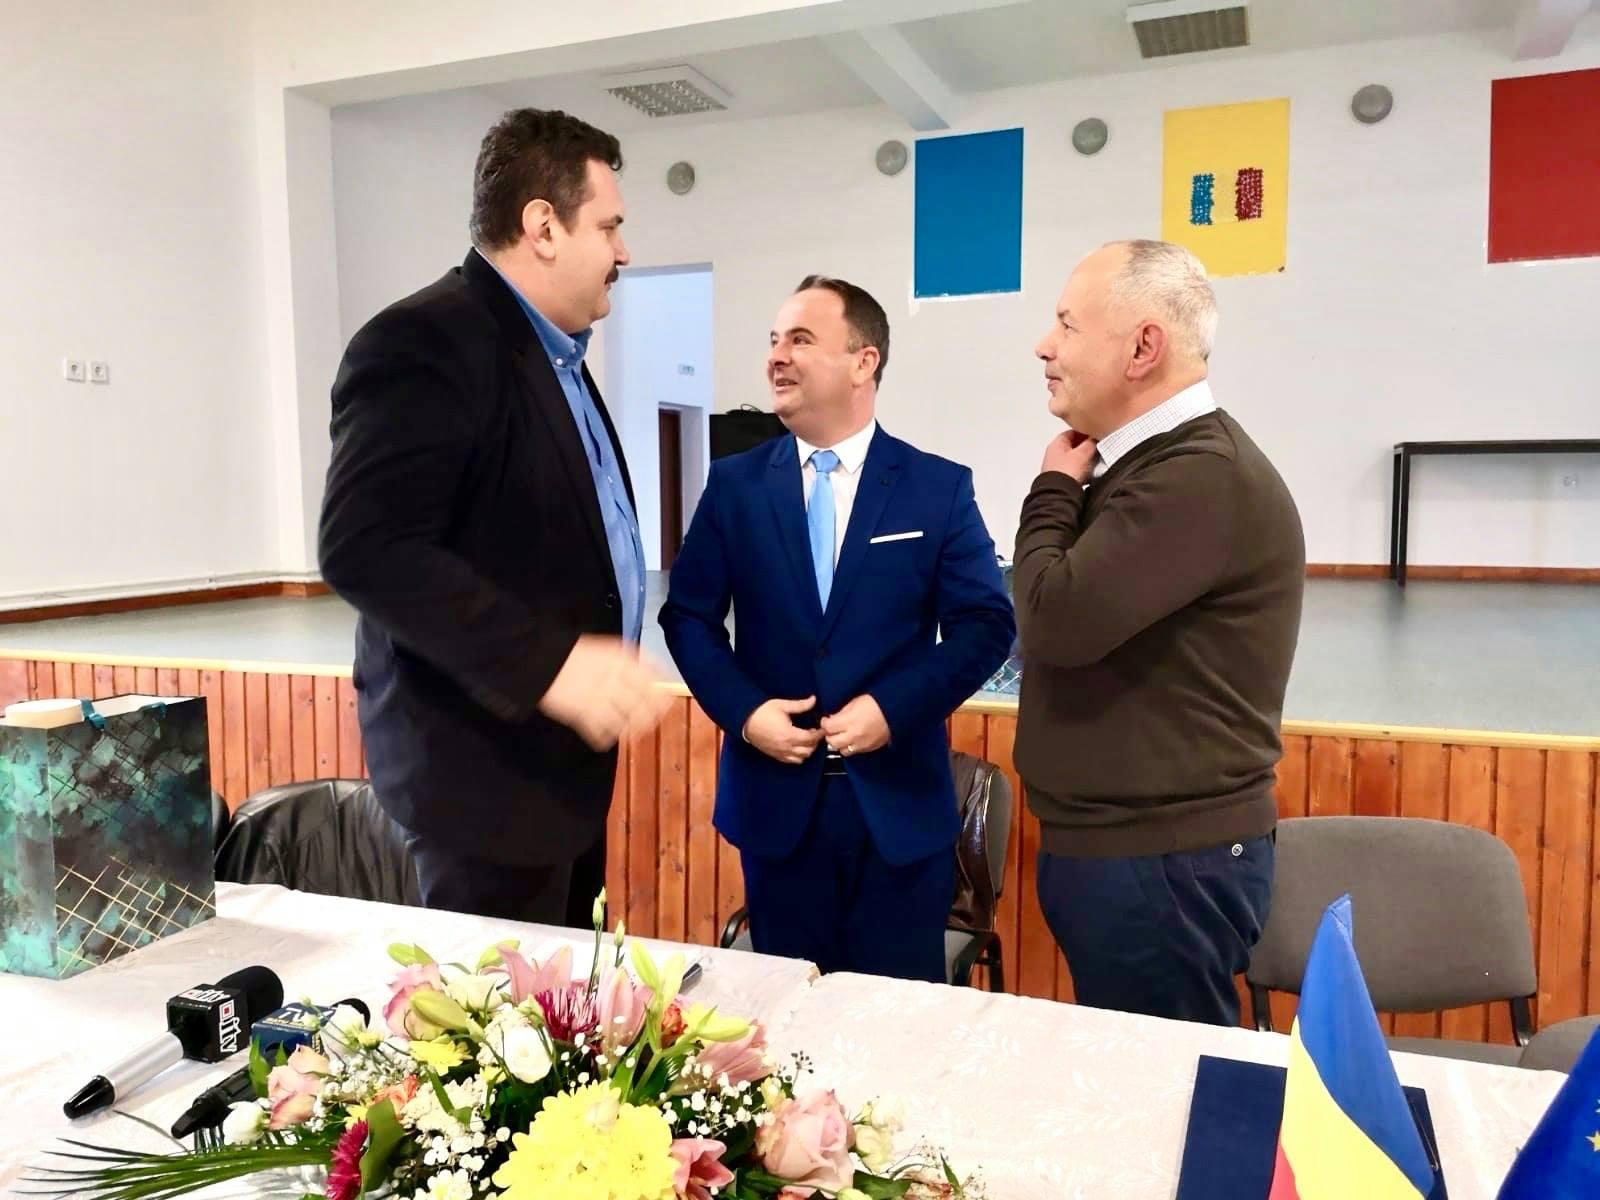 Centrele medicale din comuna Moftin vor fi dotate pe baza unui proiect transfrontalier cu Ungaria